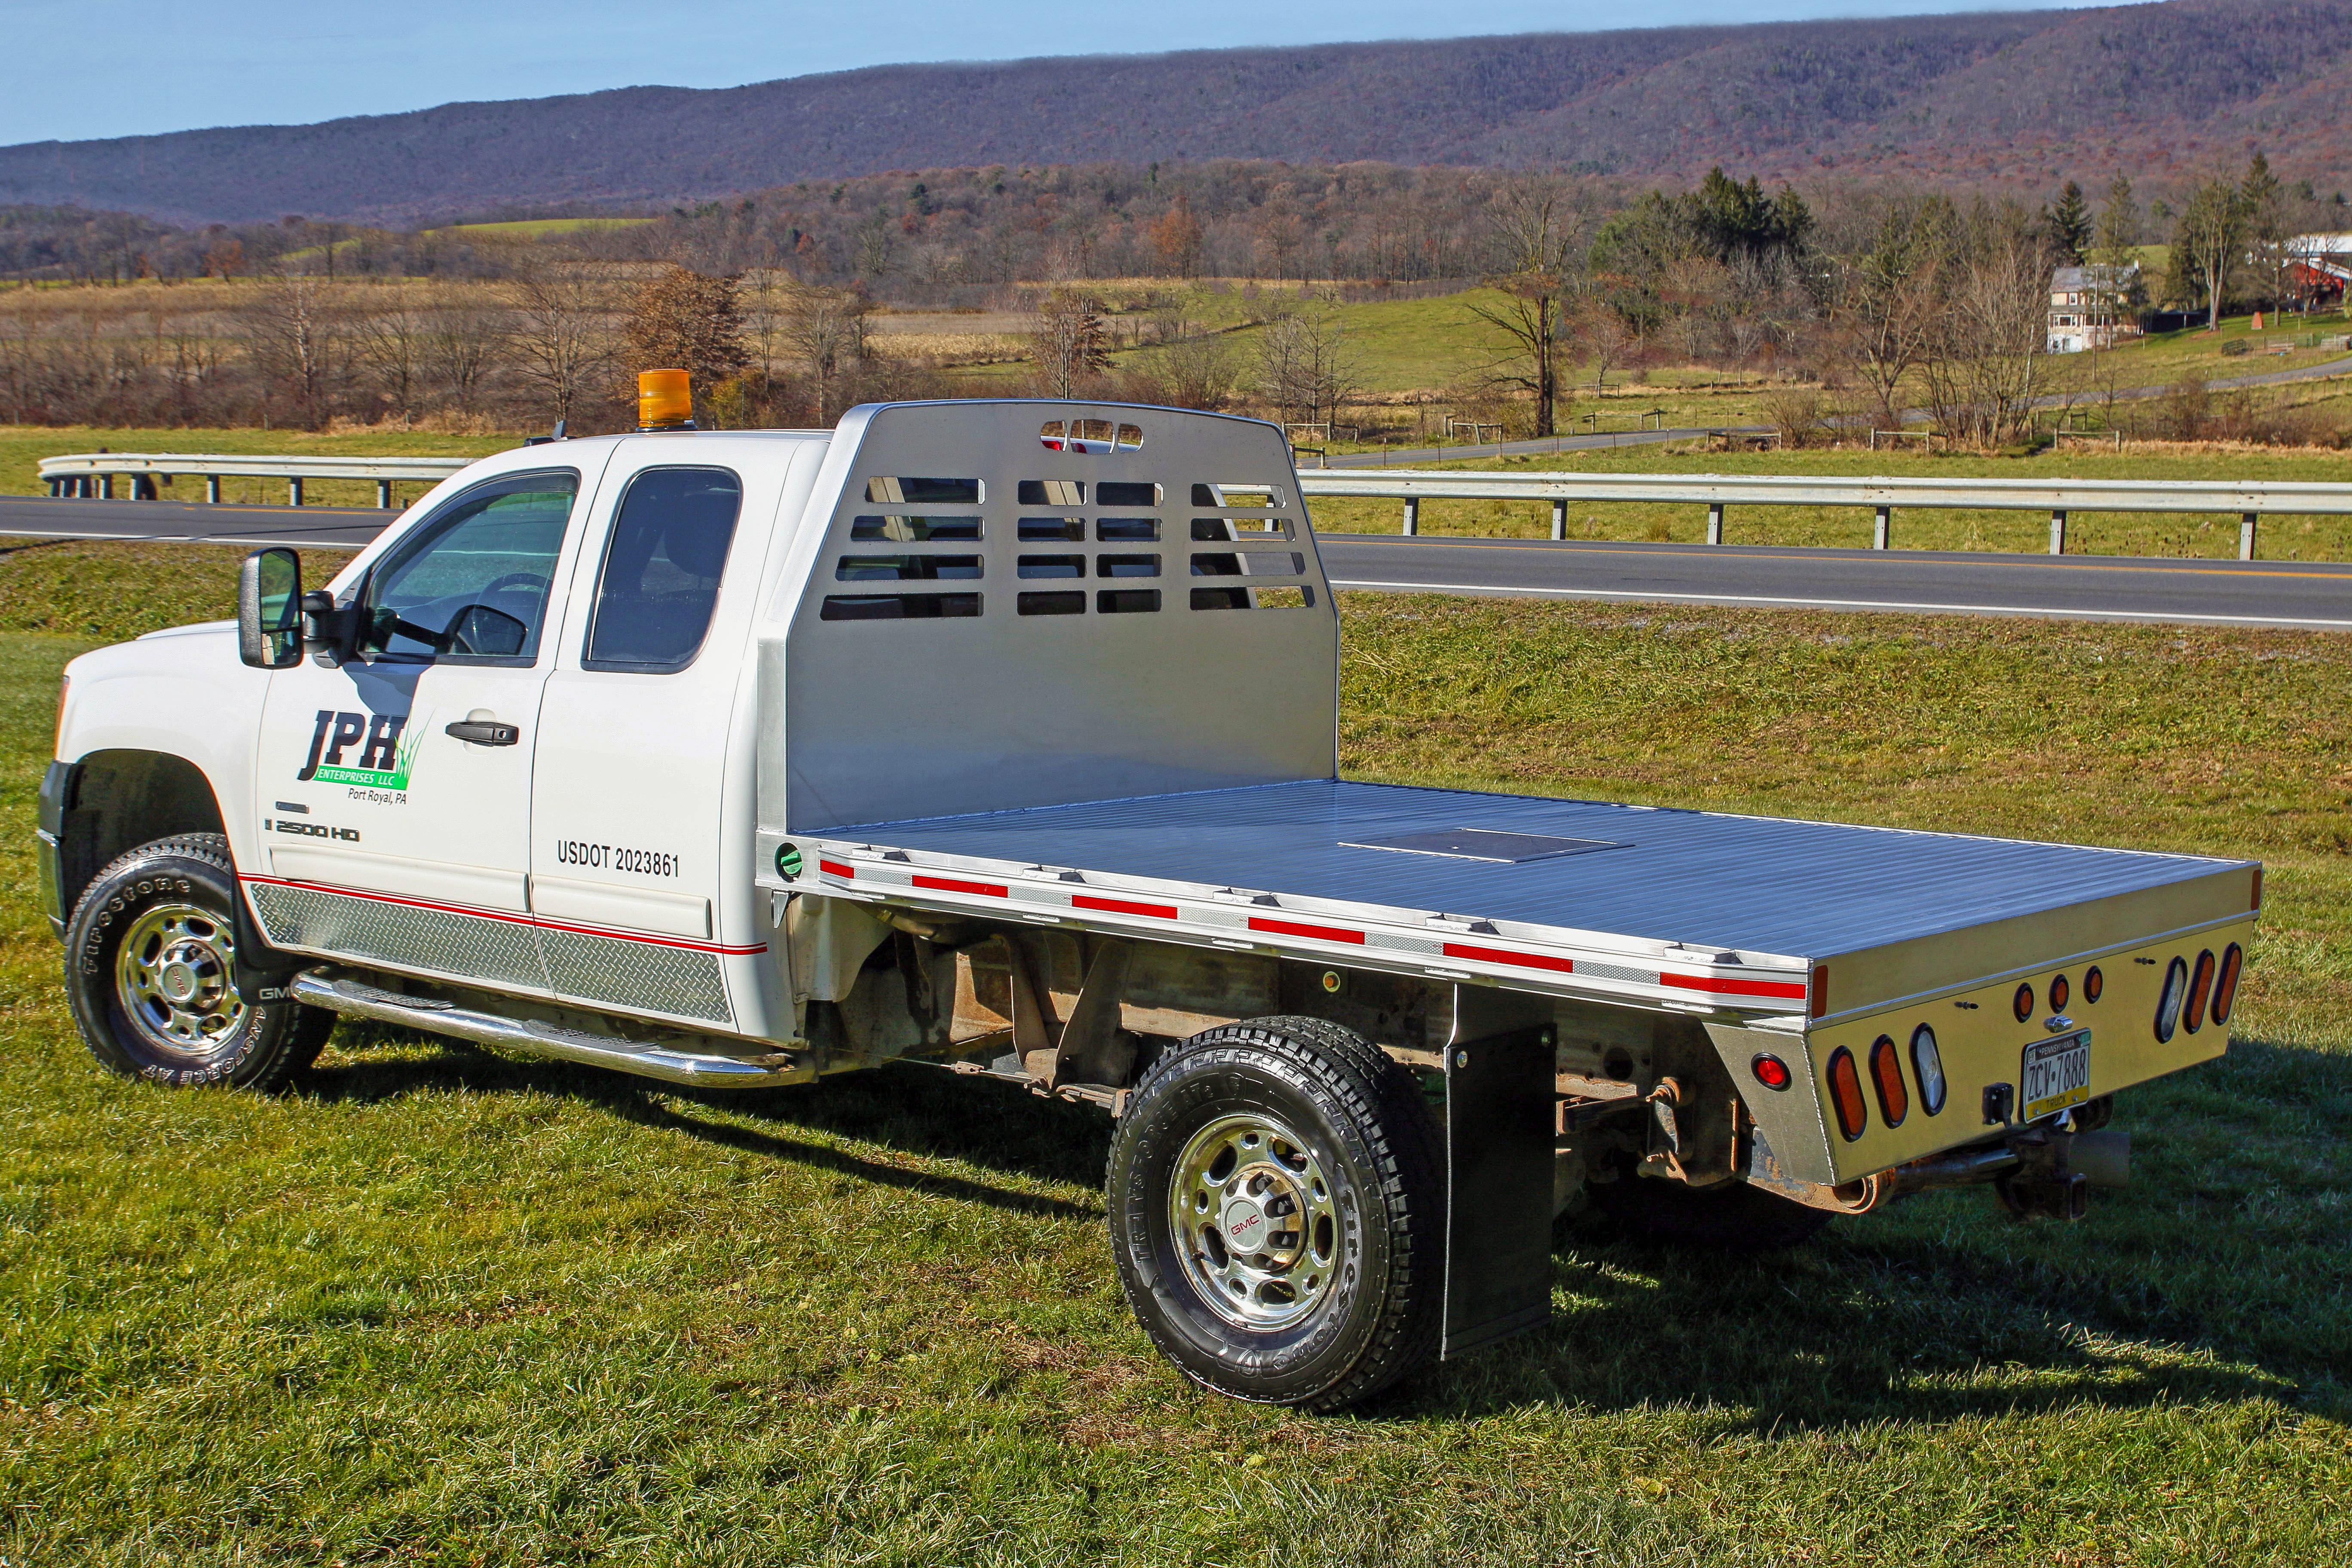 sb 84x104 truck